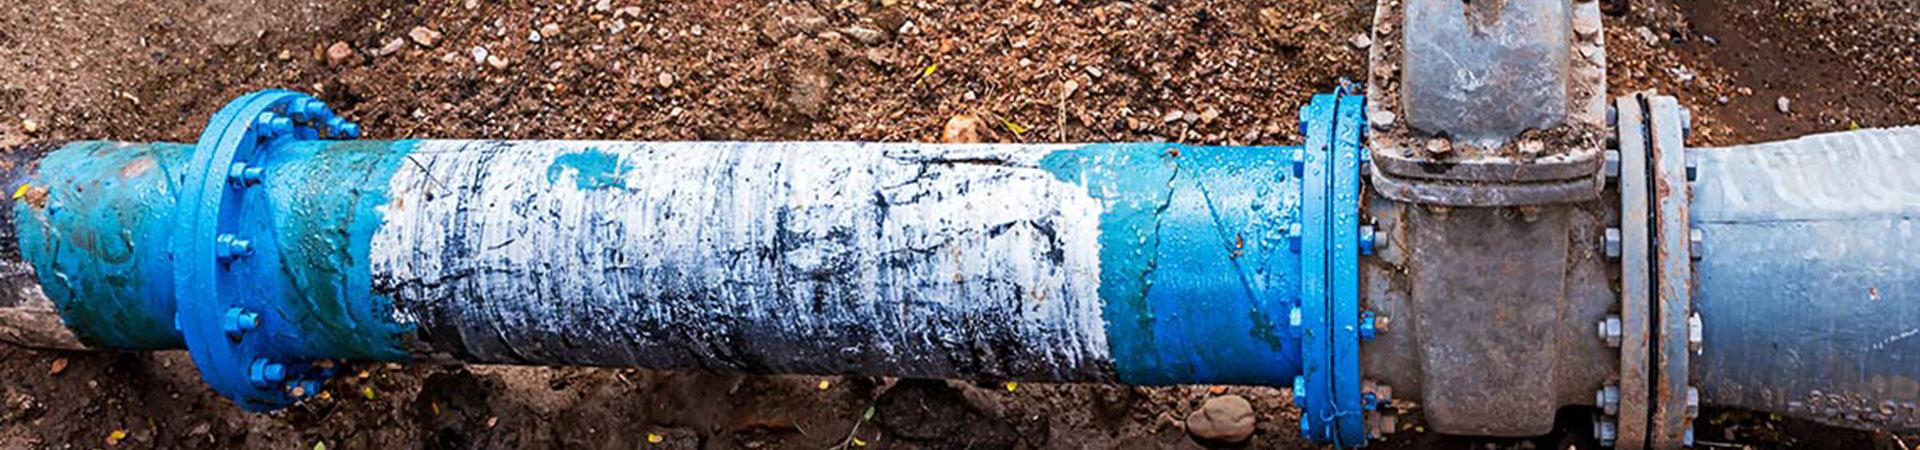 1 - sewer-line-repair